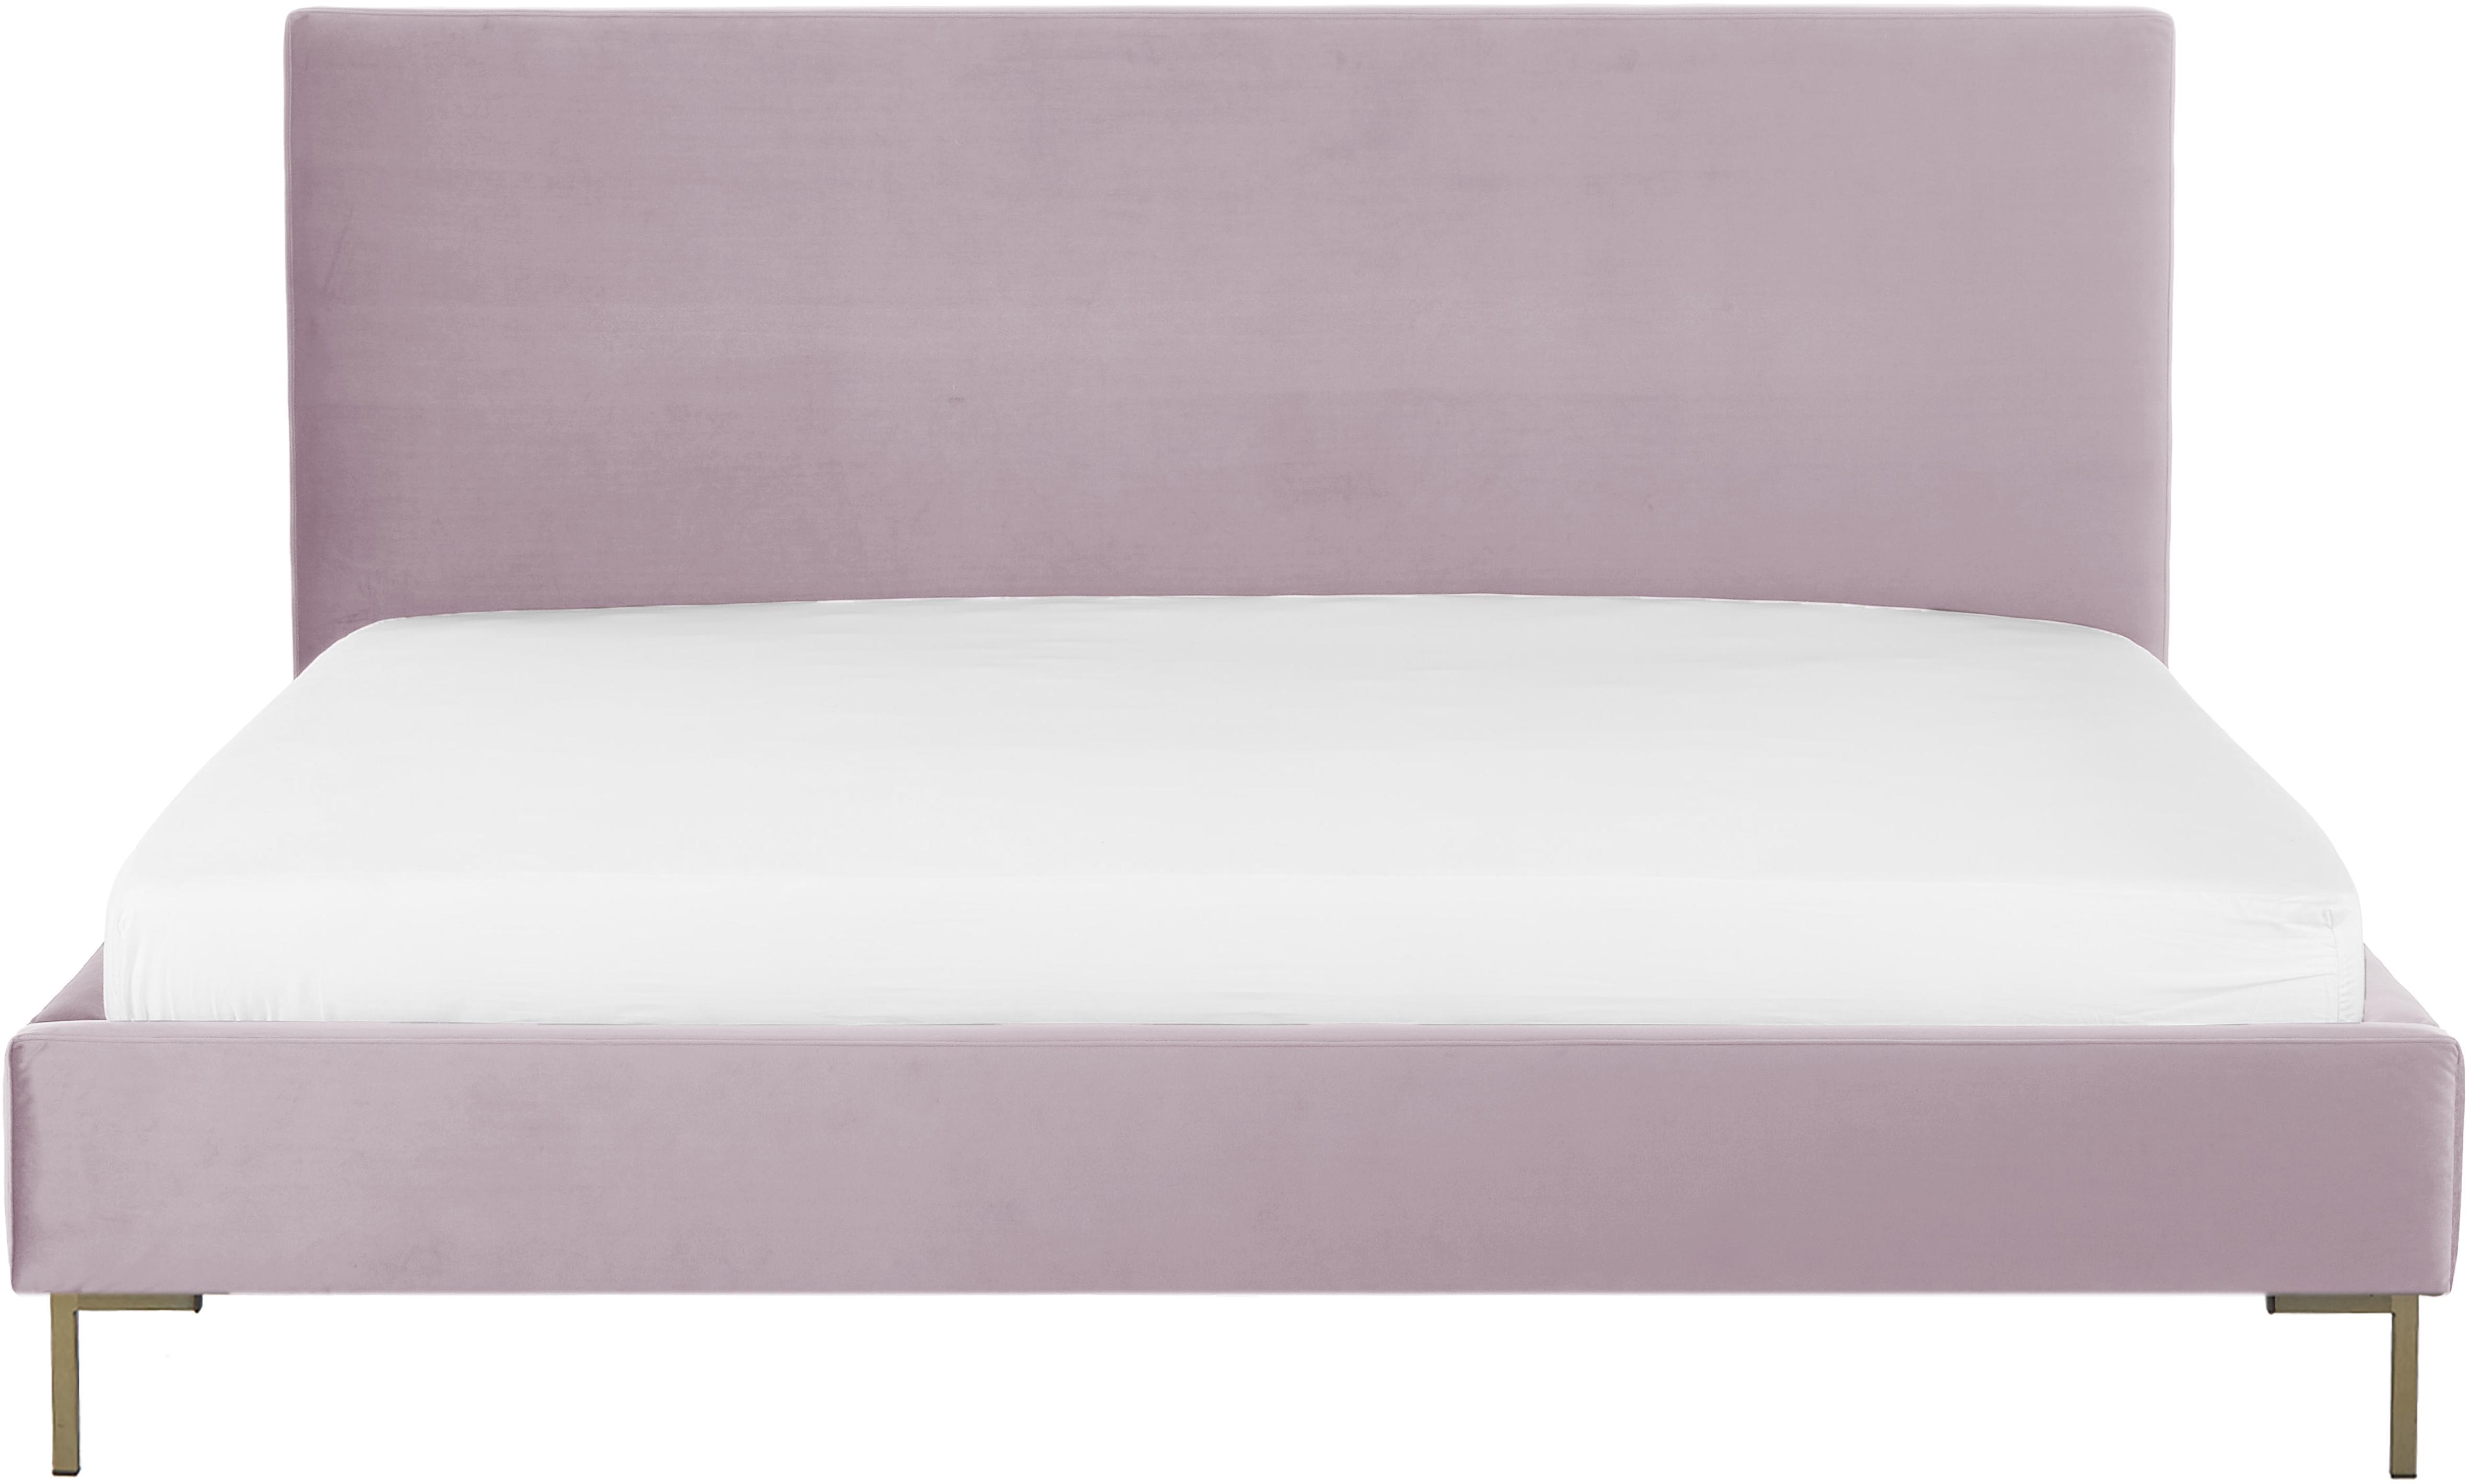 Letto matrimoniale imbottito in velluto Peace, Piedini: metallo verniciato a polv, Rivestimento: velluto di poliestere 30., Malva, Larg. 180 x Lung. 200 cm